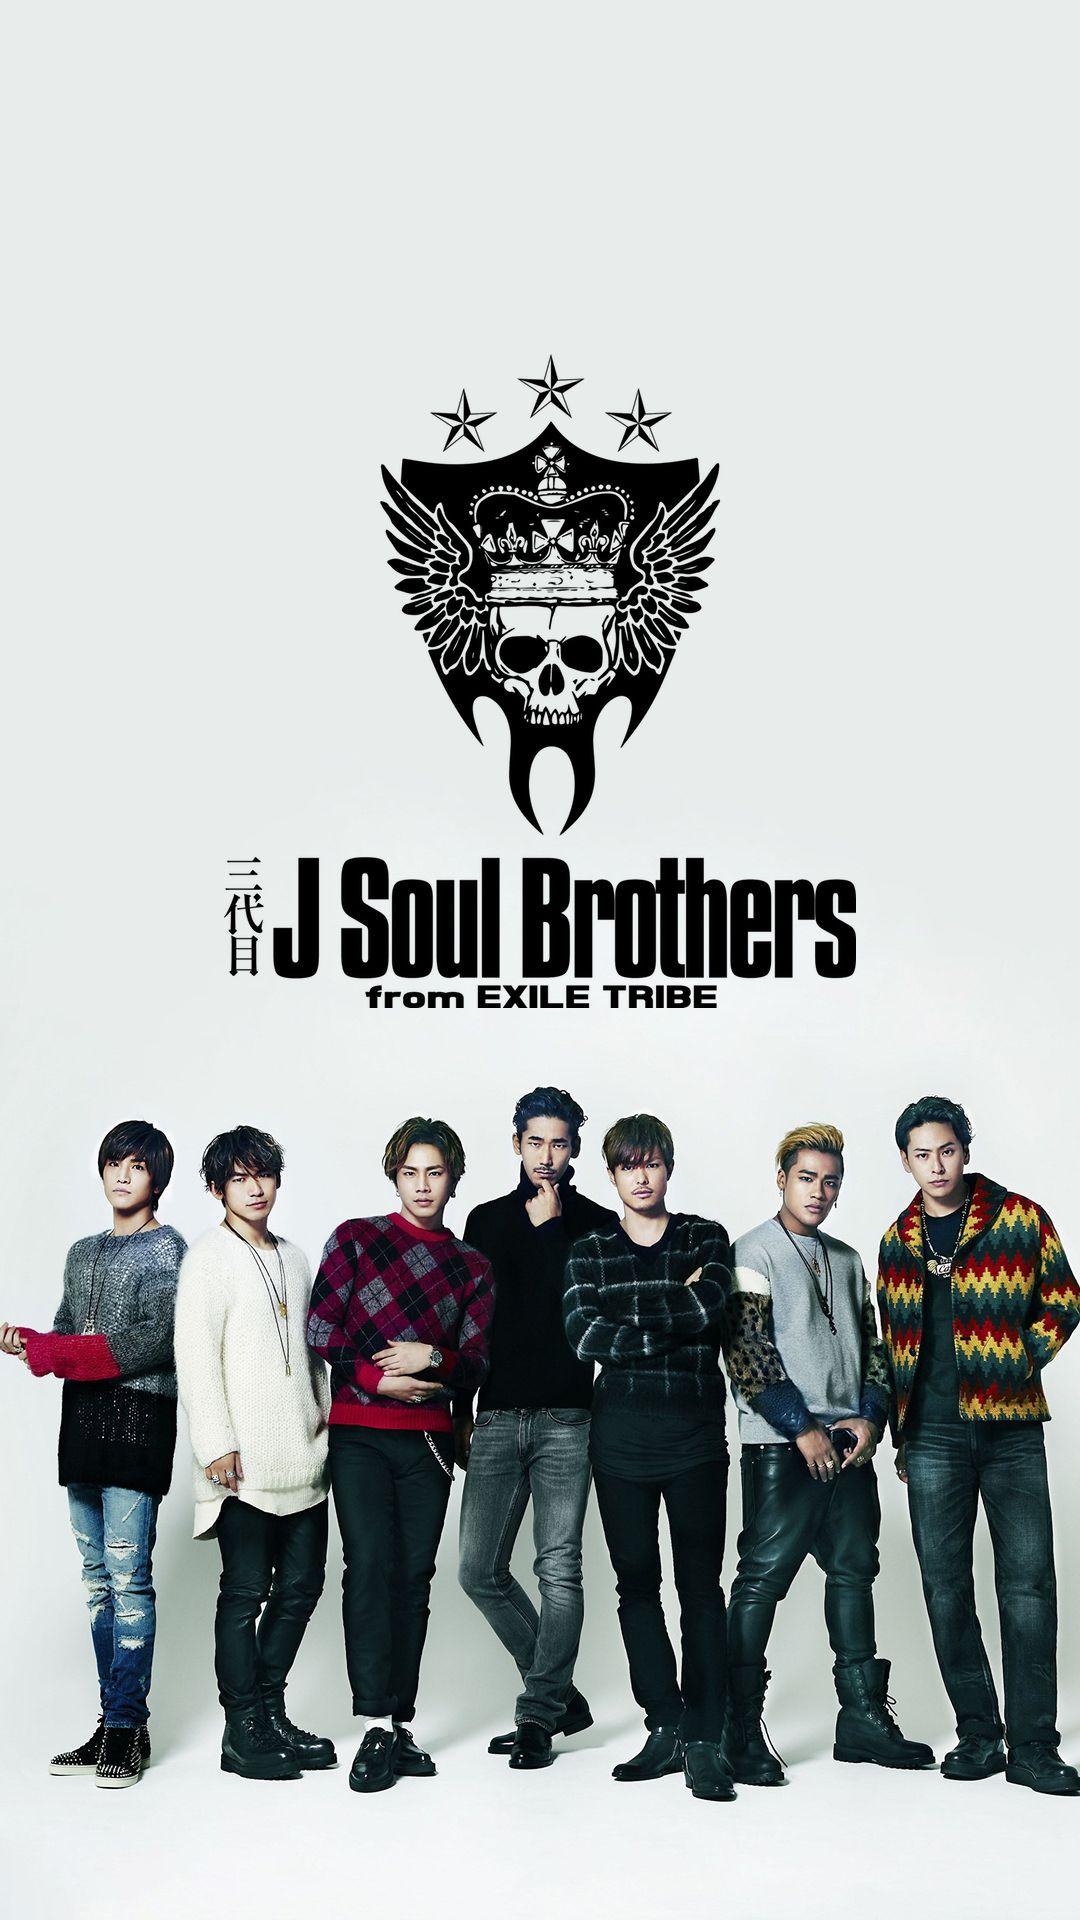 三代目 J Soul Brothersの高画質スマホ壁紙40枚 三代目j Soul Brothers 3代目j Soul Brothers スマホ壁紙